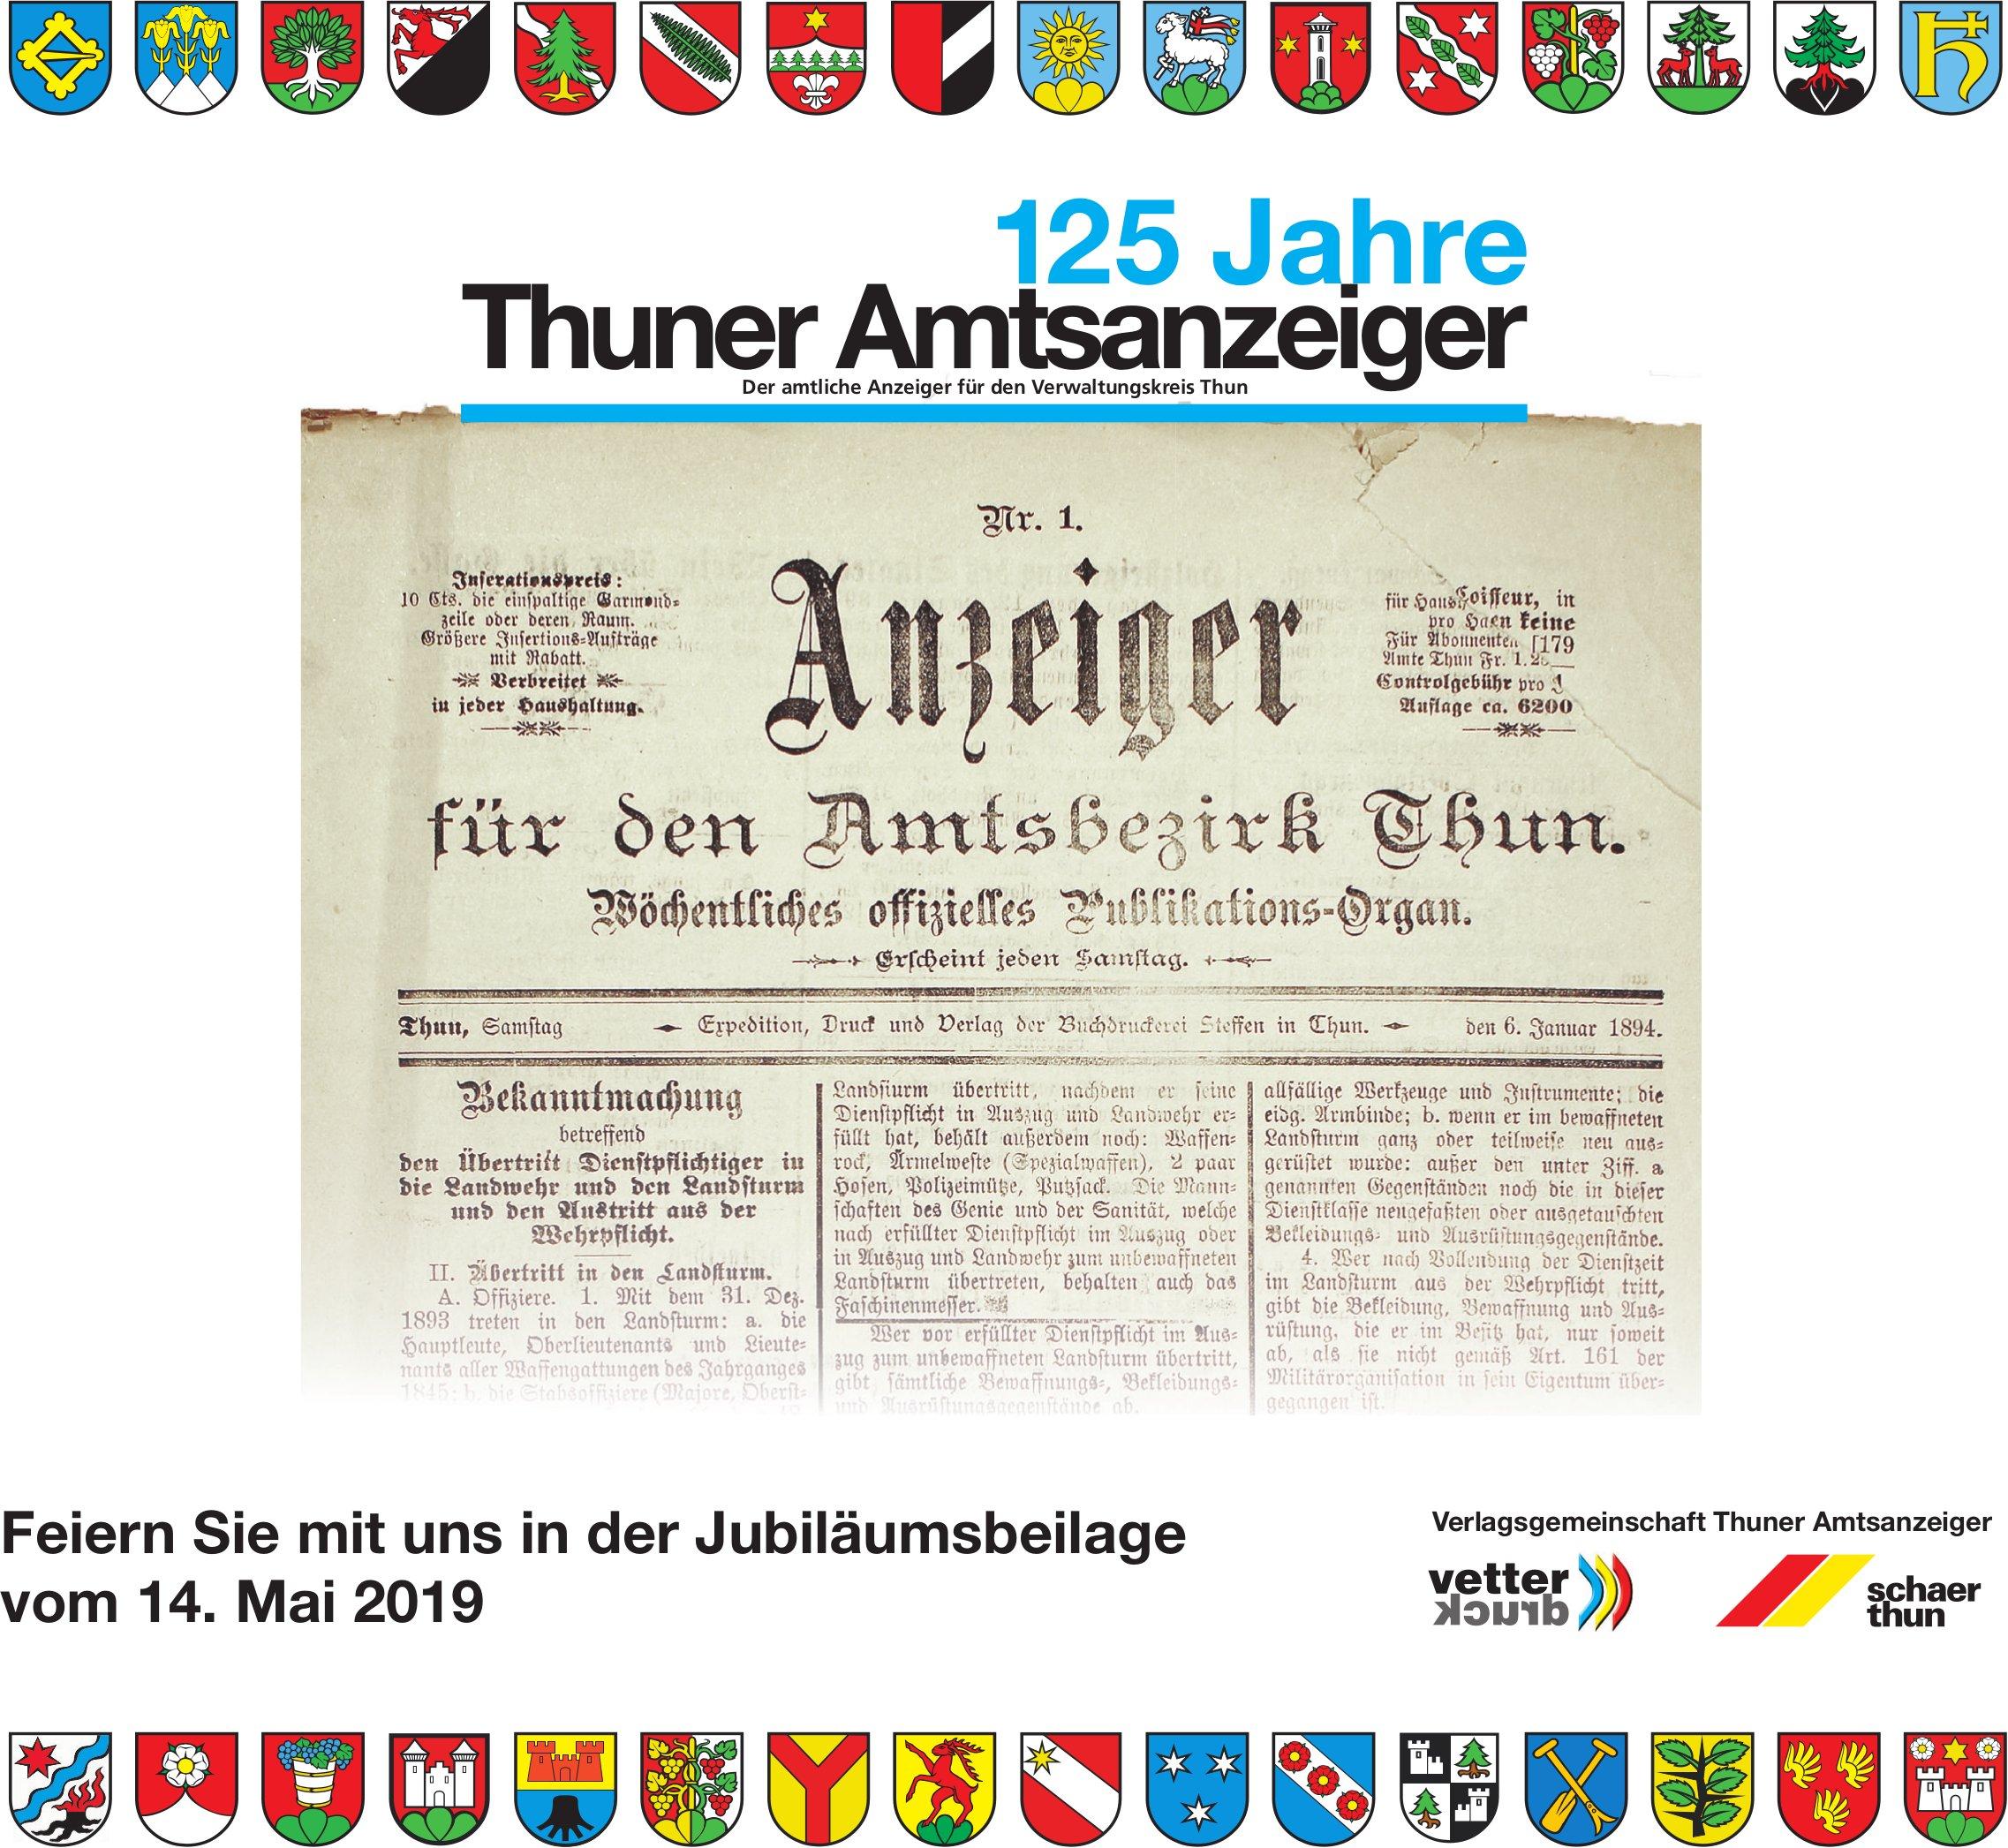 125 Jahre Thuner Amtsanzeiger - Feiern Sie mit uns in der Jubiläumsbeilage vom 14. Mai